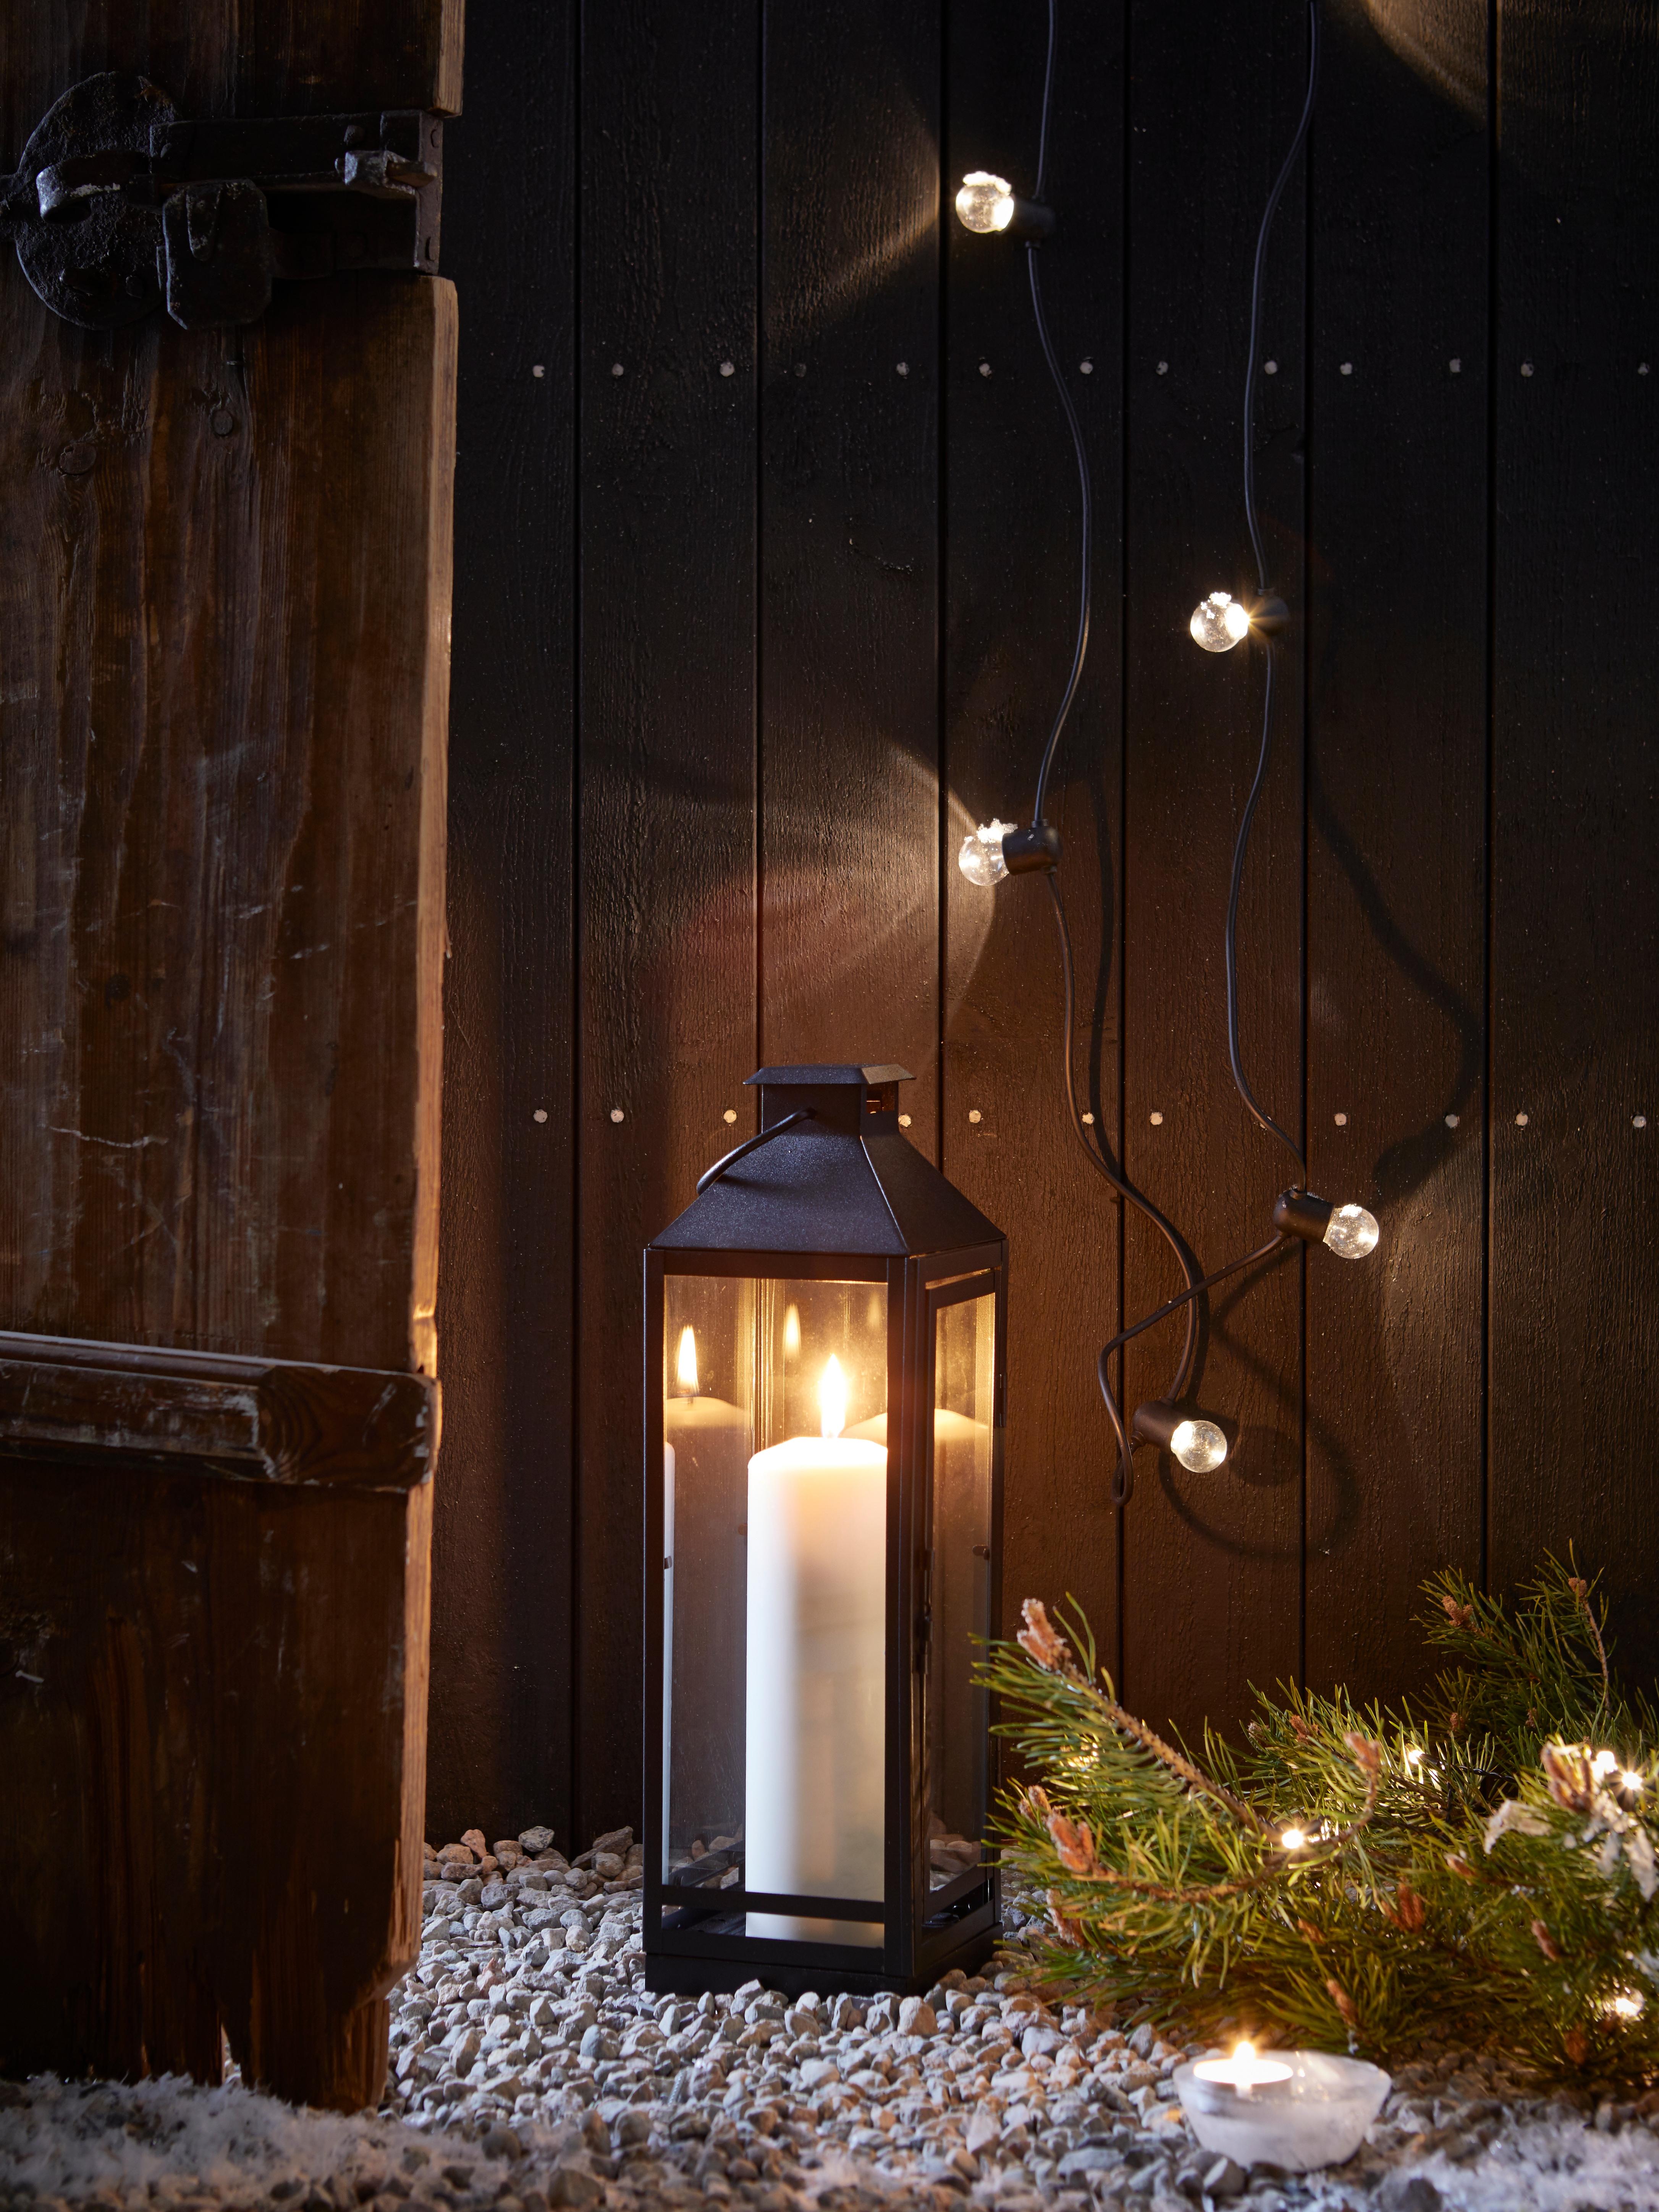 Lucine UTSUND su una staccionata di legno, con una candela in una lanterna nera sulla ghiaia, una candelina e un ramo sempreverde.